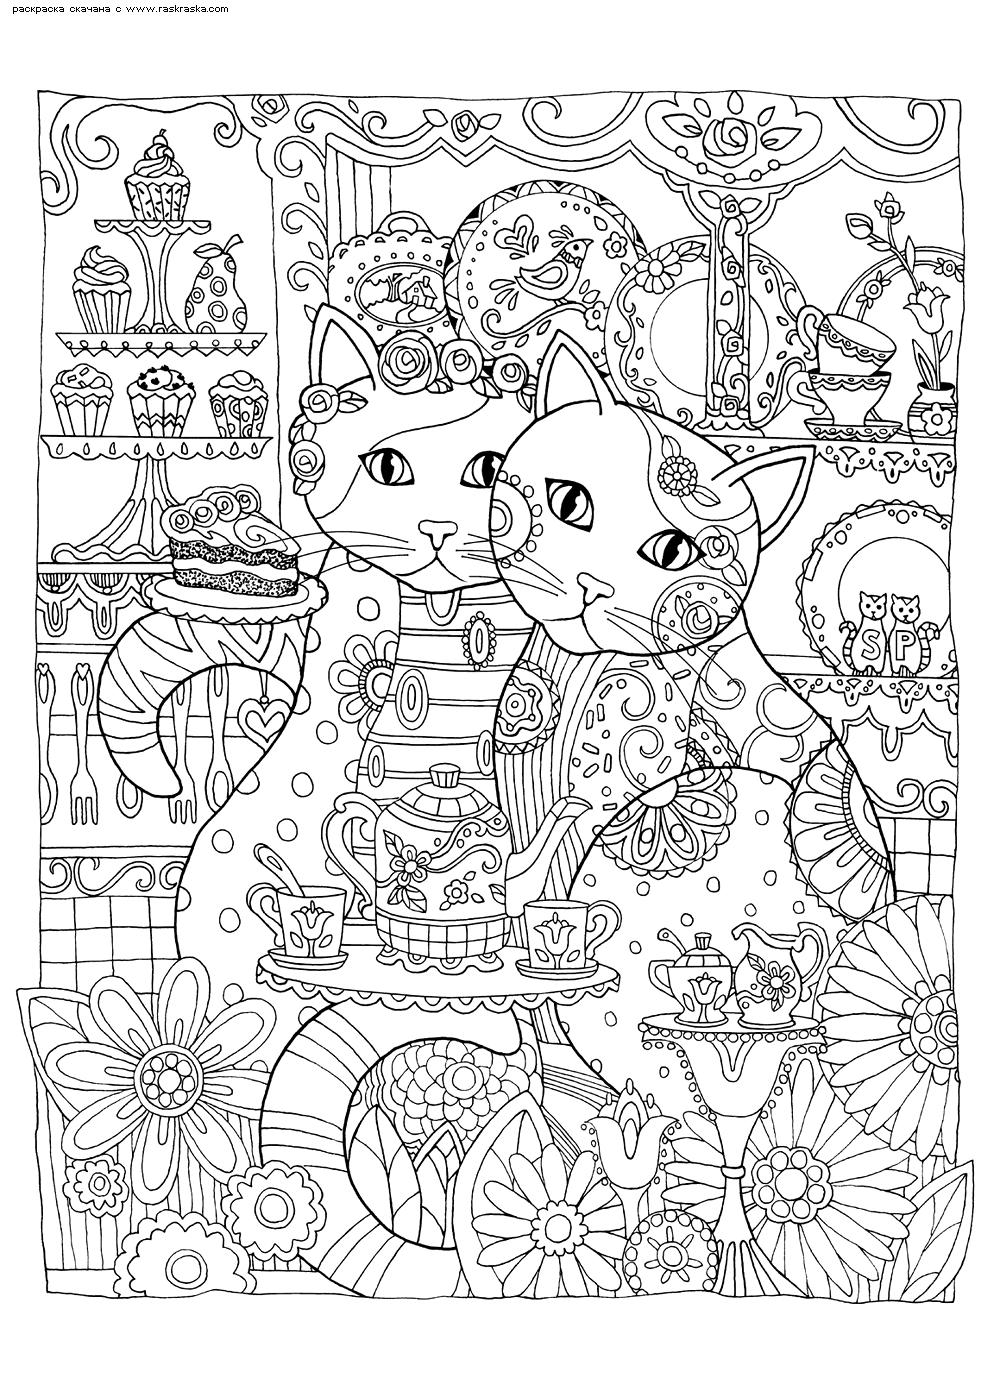 Раскраска Кошки в кафе | Раскраски антистресс Кошки ...